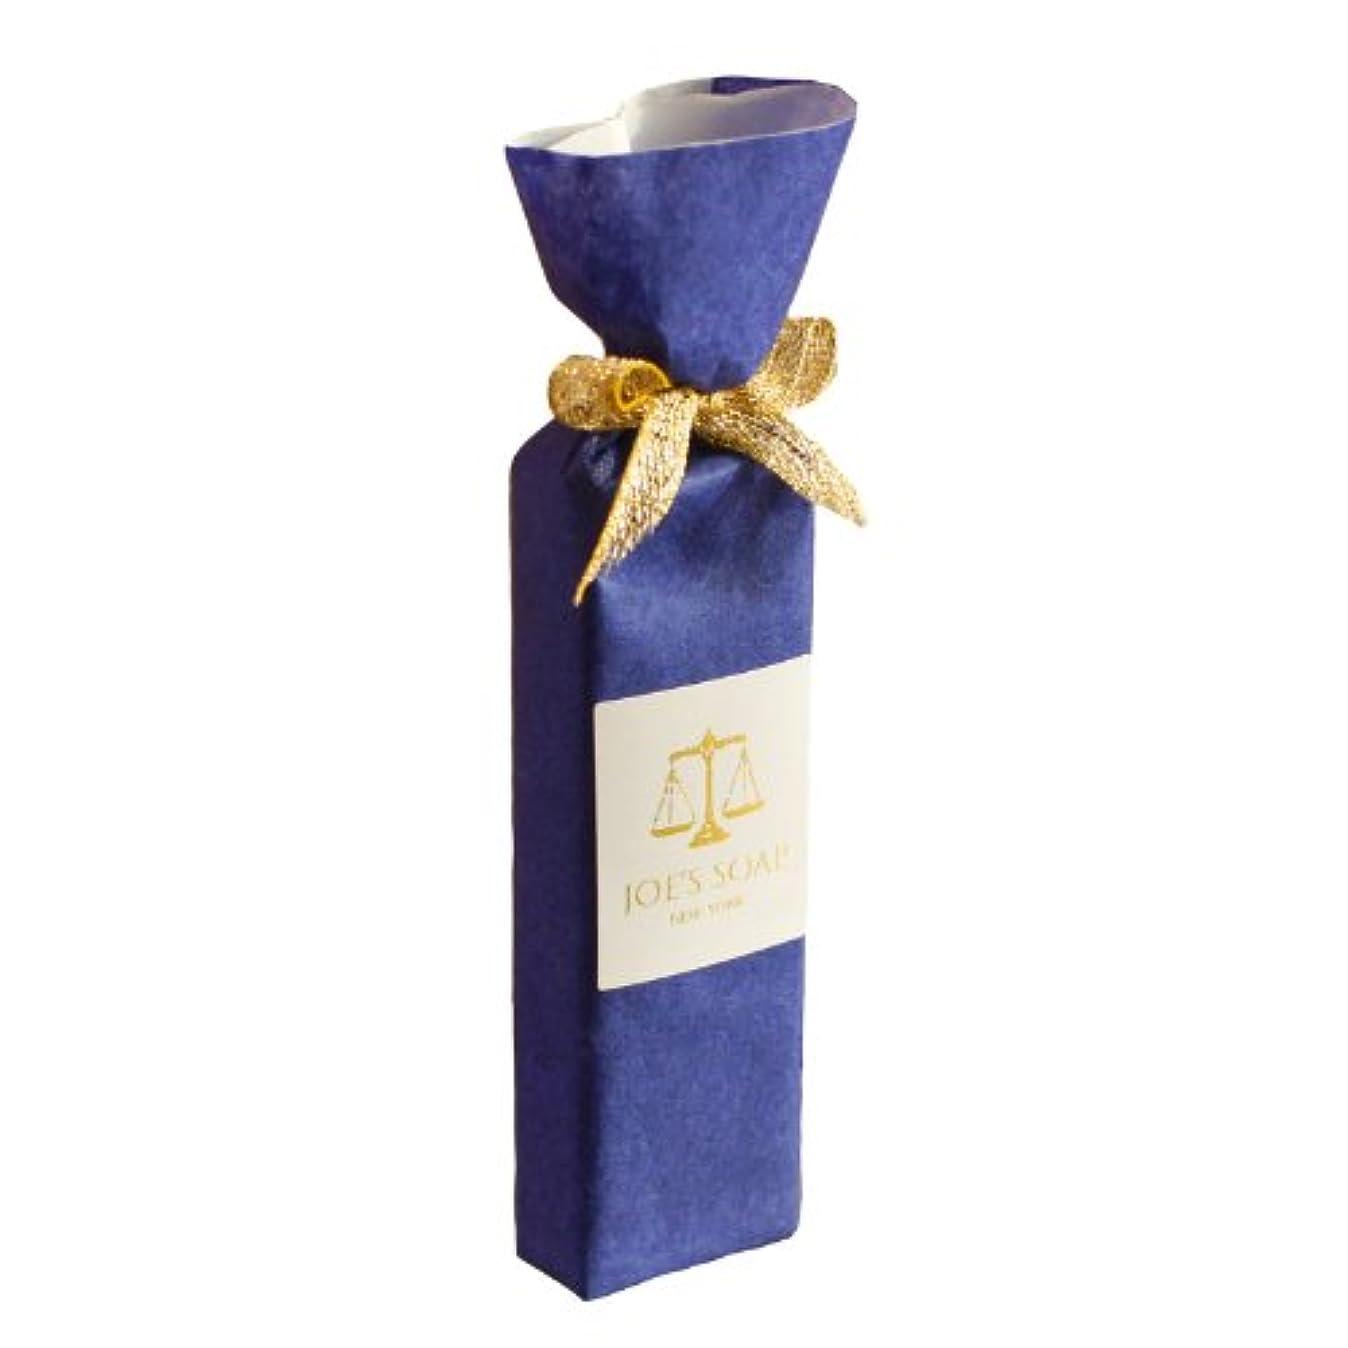 慣習調停者ギャラントリーJOE'S SOAP ジョーズソープ オリーブソープ NO.5 LAVENDER ラベンダー20g お試し トライアル 無添加  石鹸 オーガニック 保湿 洗顔 乾燥肌 敏感肌